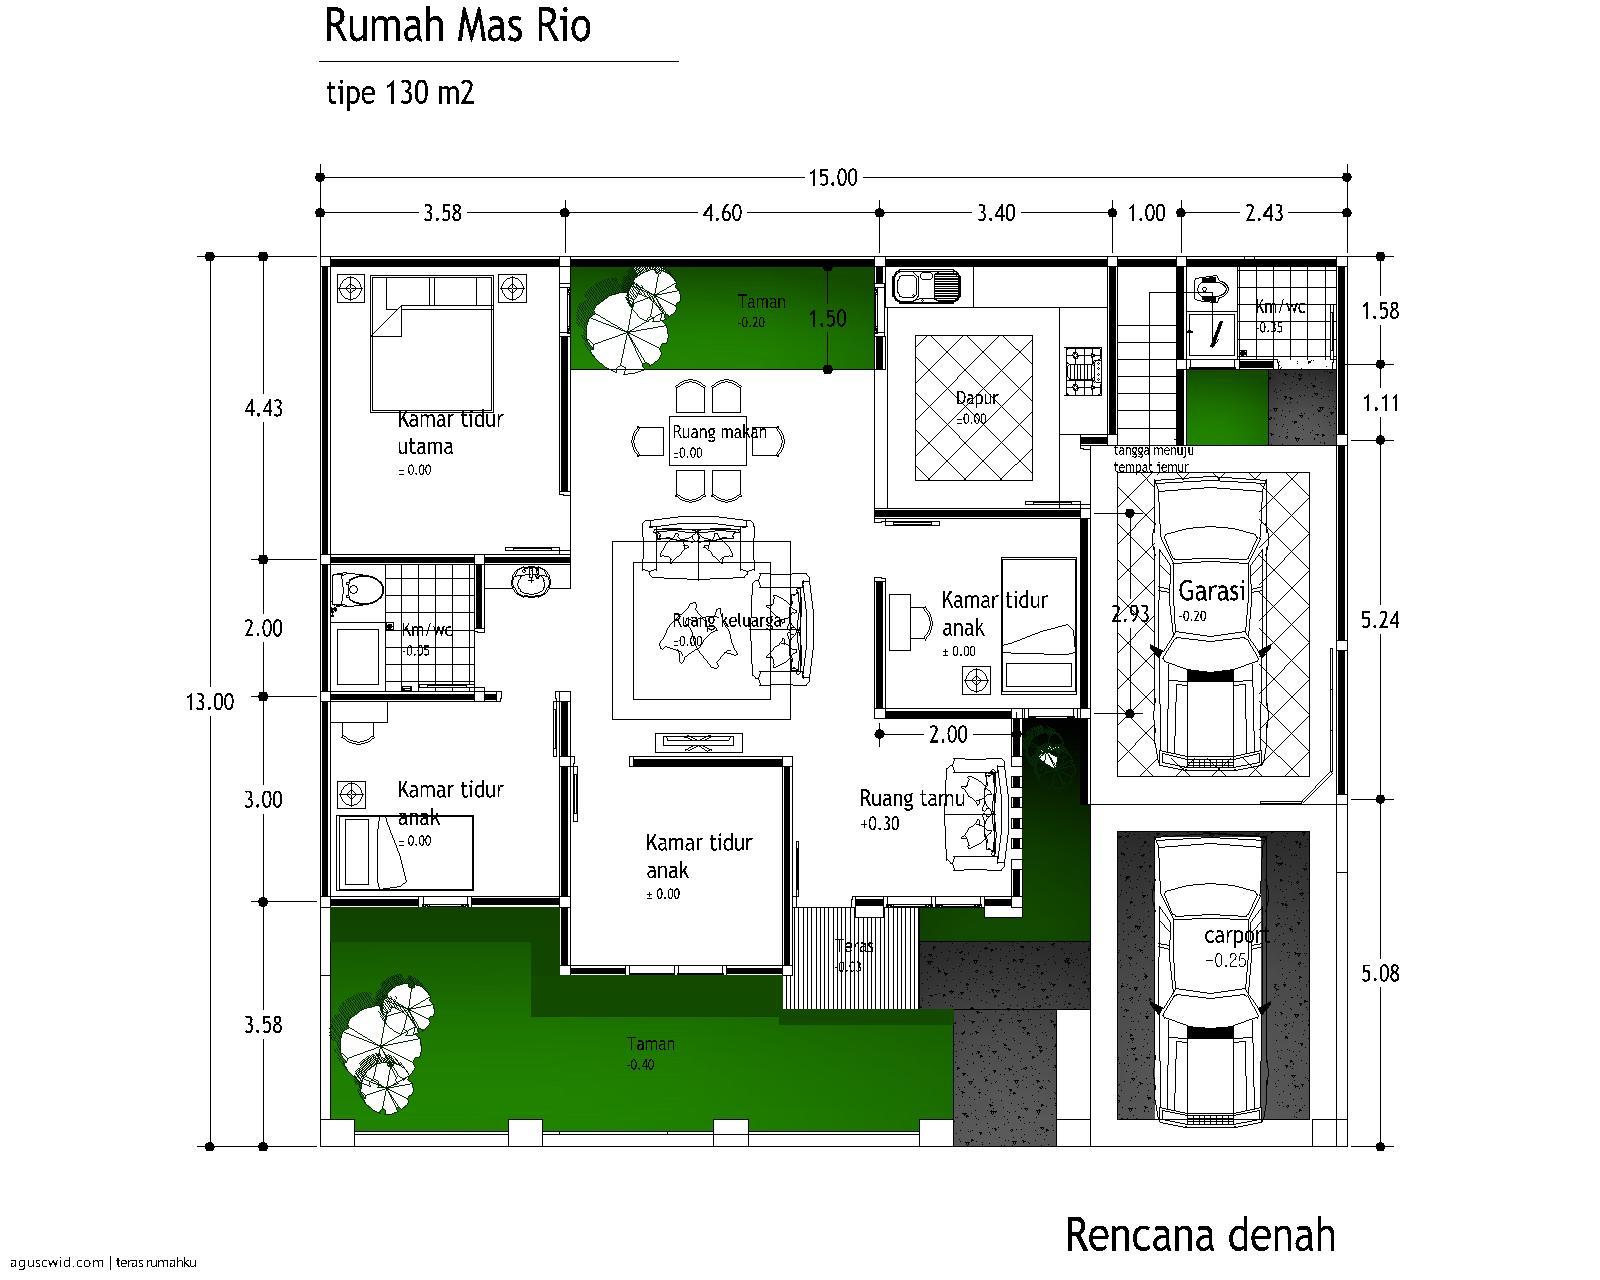 Desain Denah Rumah Tipe 130 M2 Buat Mas Rio Aguscwidcom